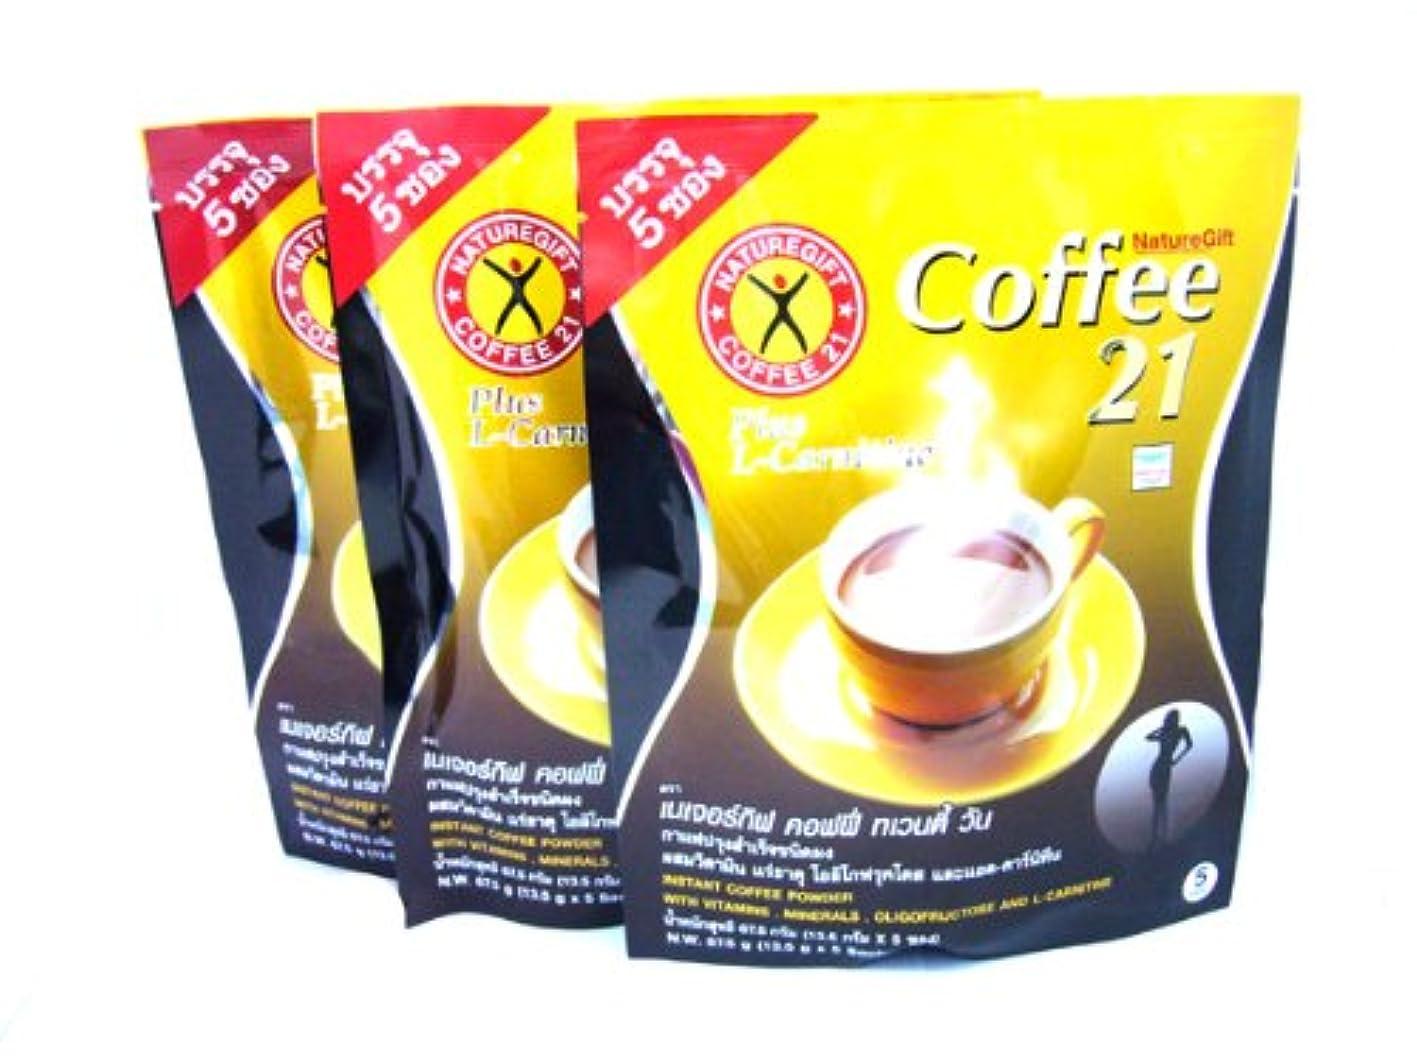 ツーリストバイバイ比喩3x Naturegift Instant Coffee Mix 21 Plus L-carnitine Slimming Weight Loss Diet Made in Thailand by alanroger